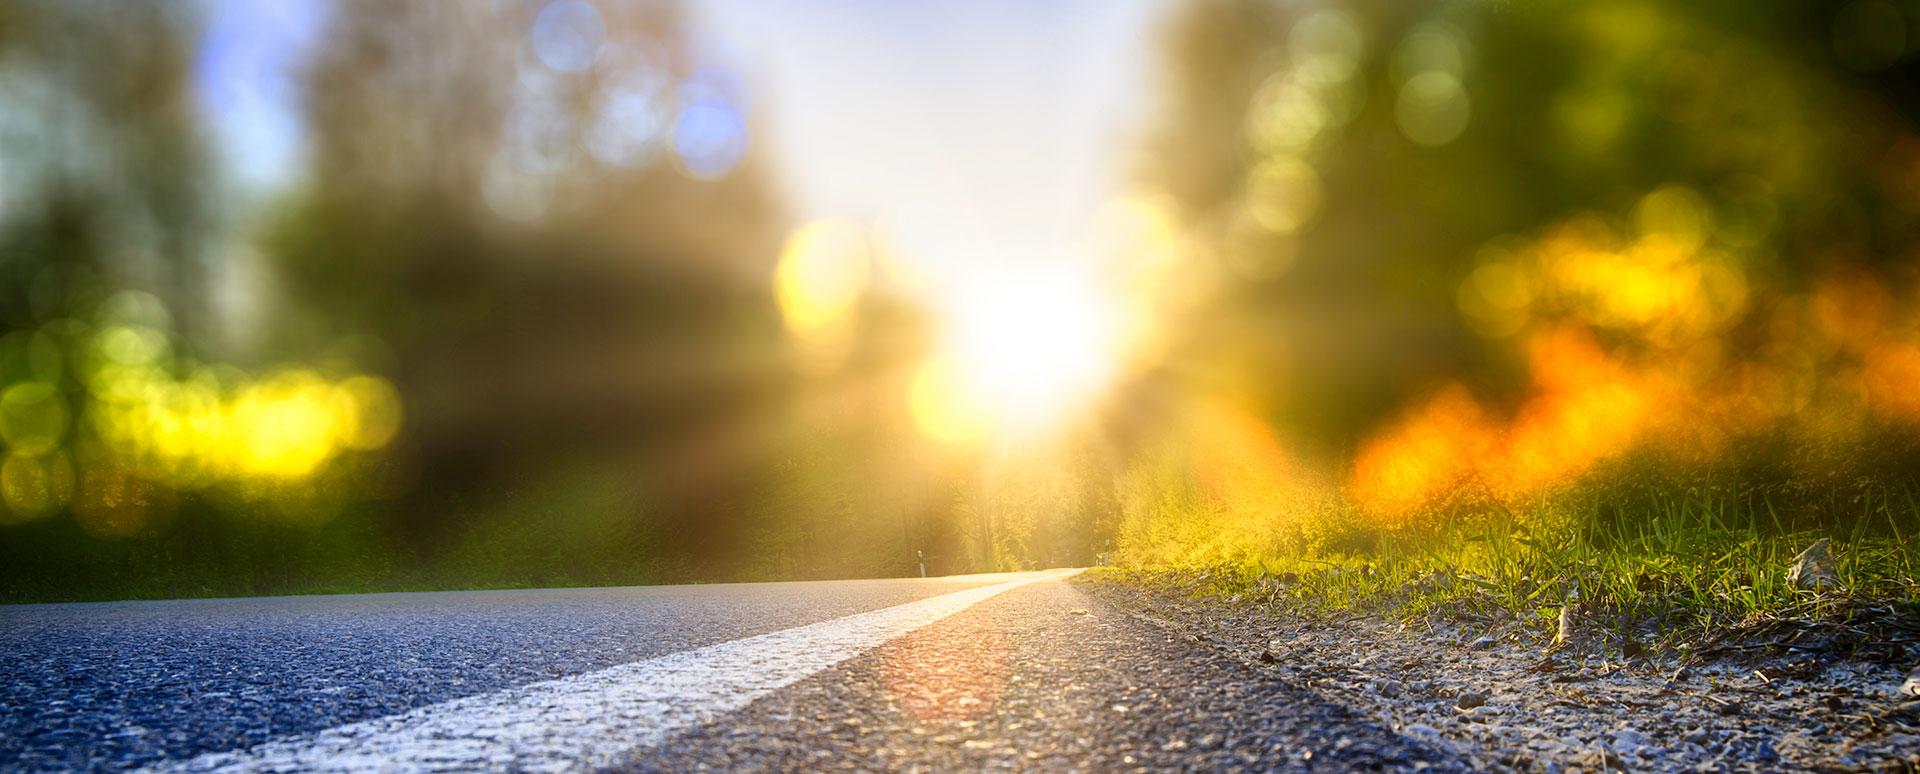 En blurrig bild på en väg i solnedgång